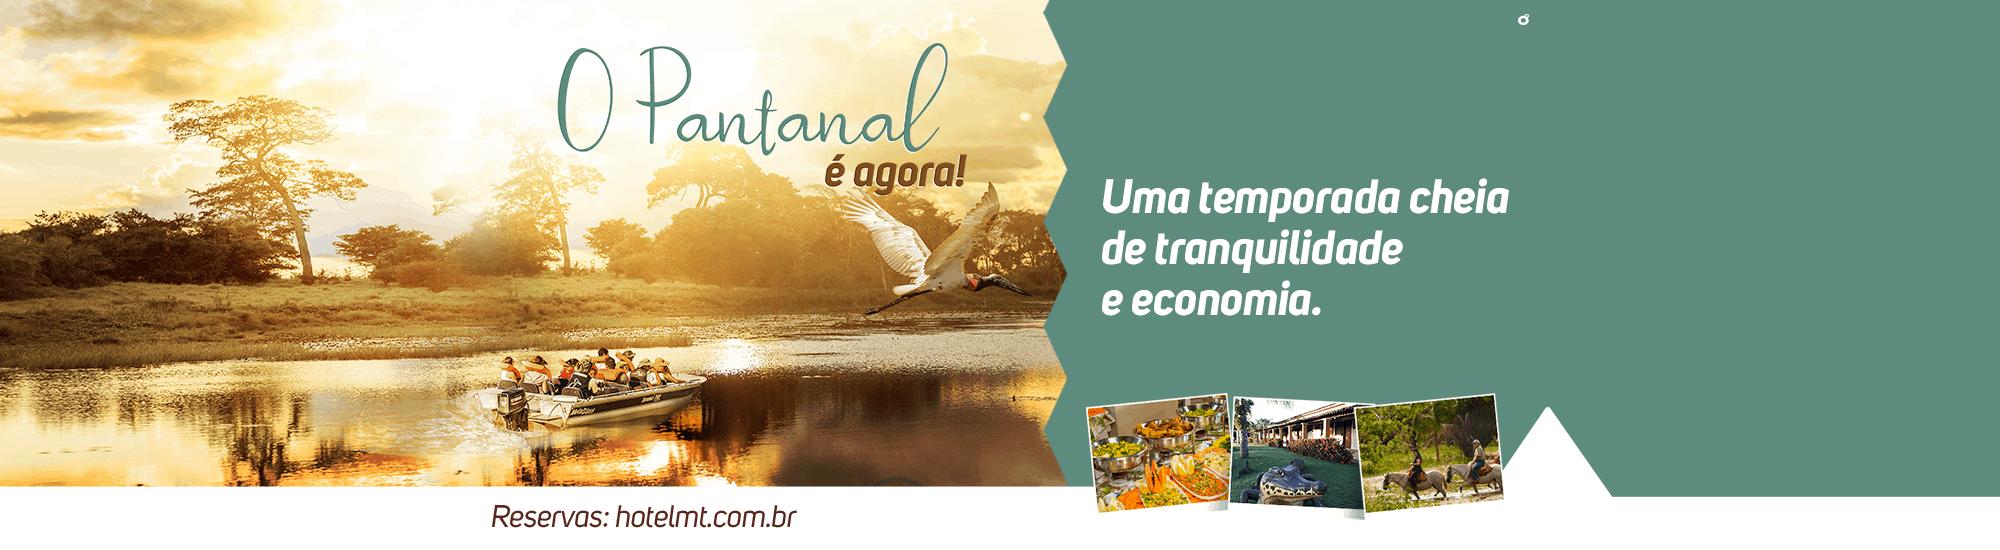 Baixa Temporada Pantanal